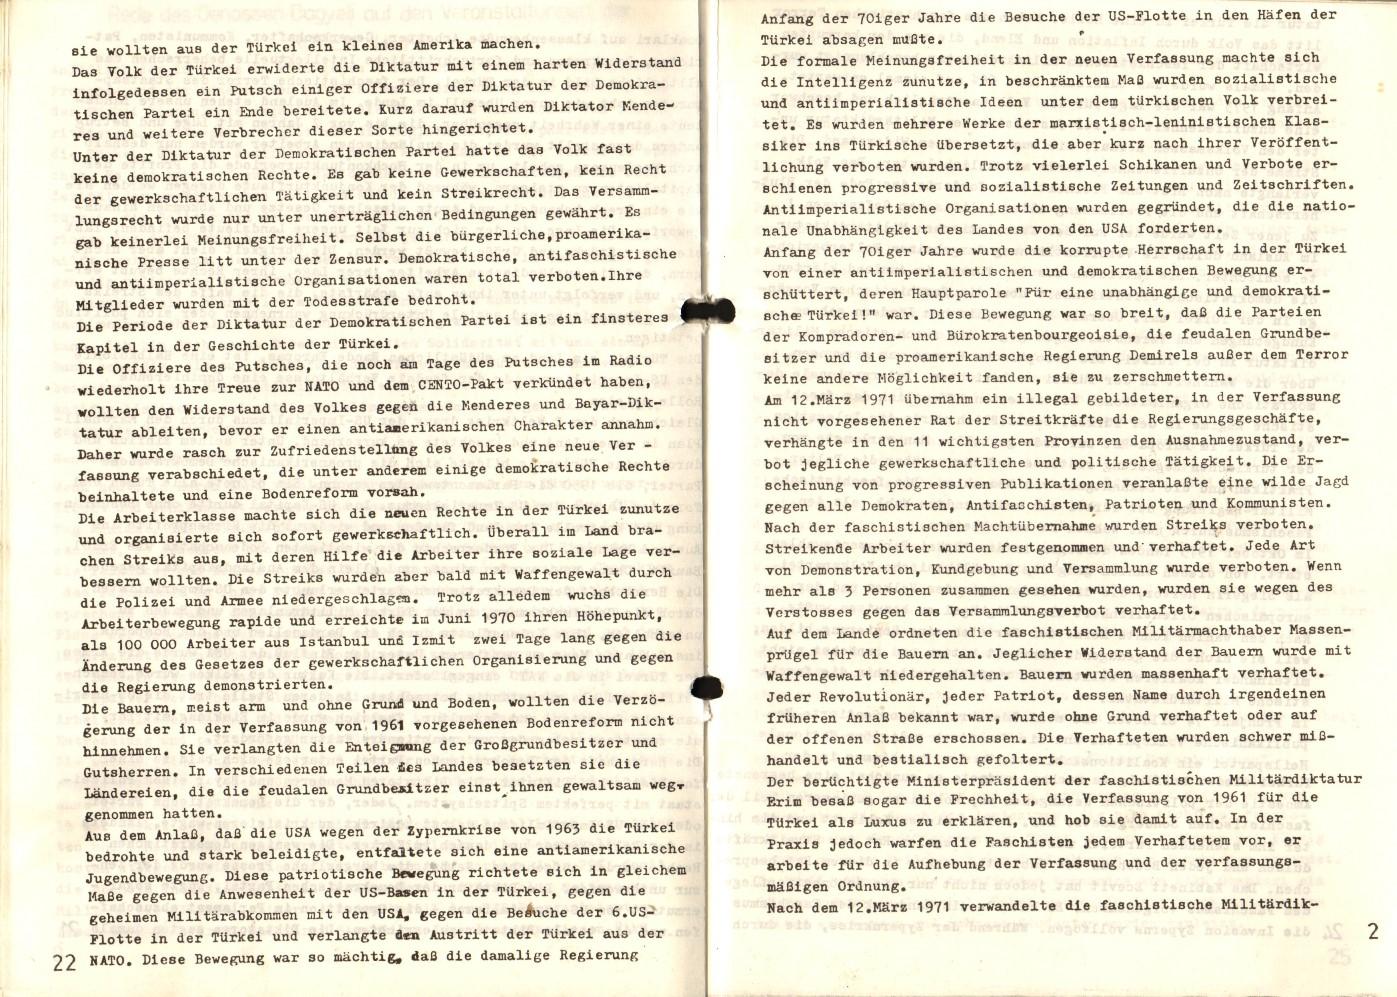 NRW_Rote_Hilfe_1975_Sofortige_Freilassung_der_tuerkischen_Patrioten_13